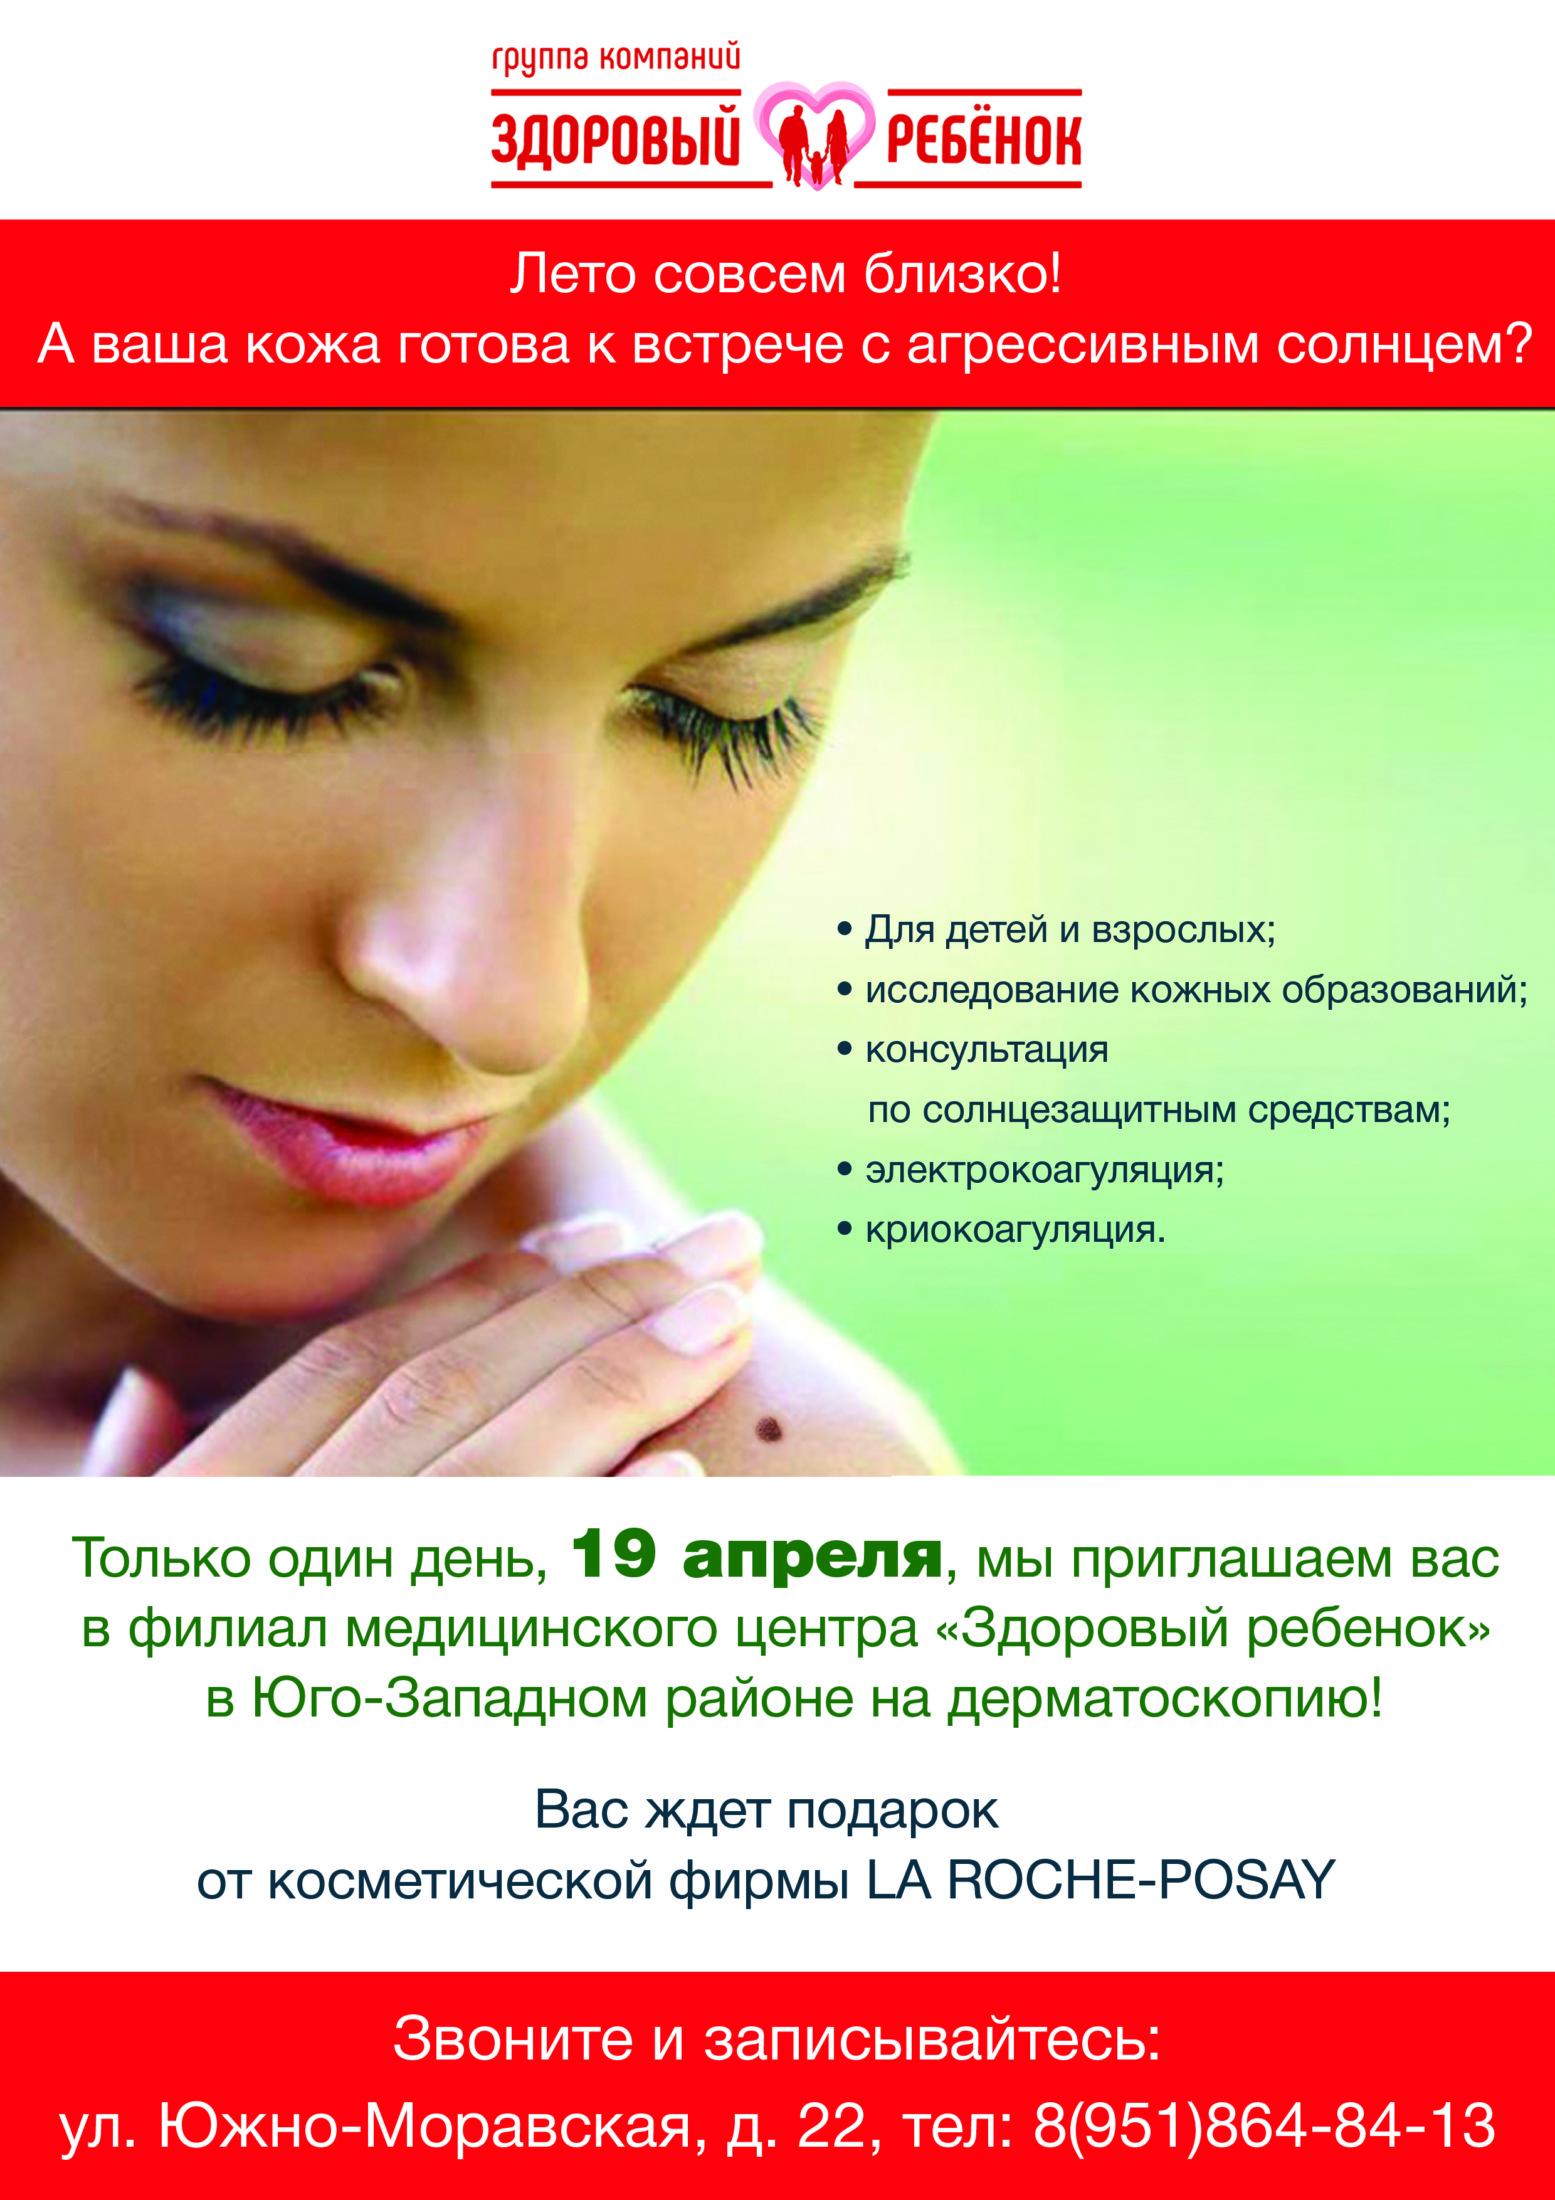 Dermatolog, udalenie rodinok